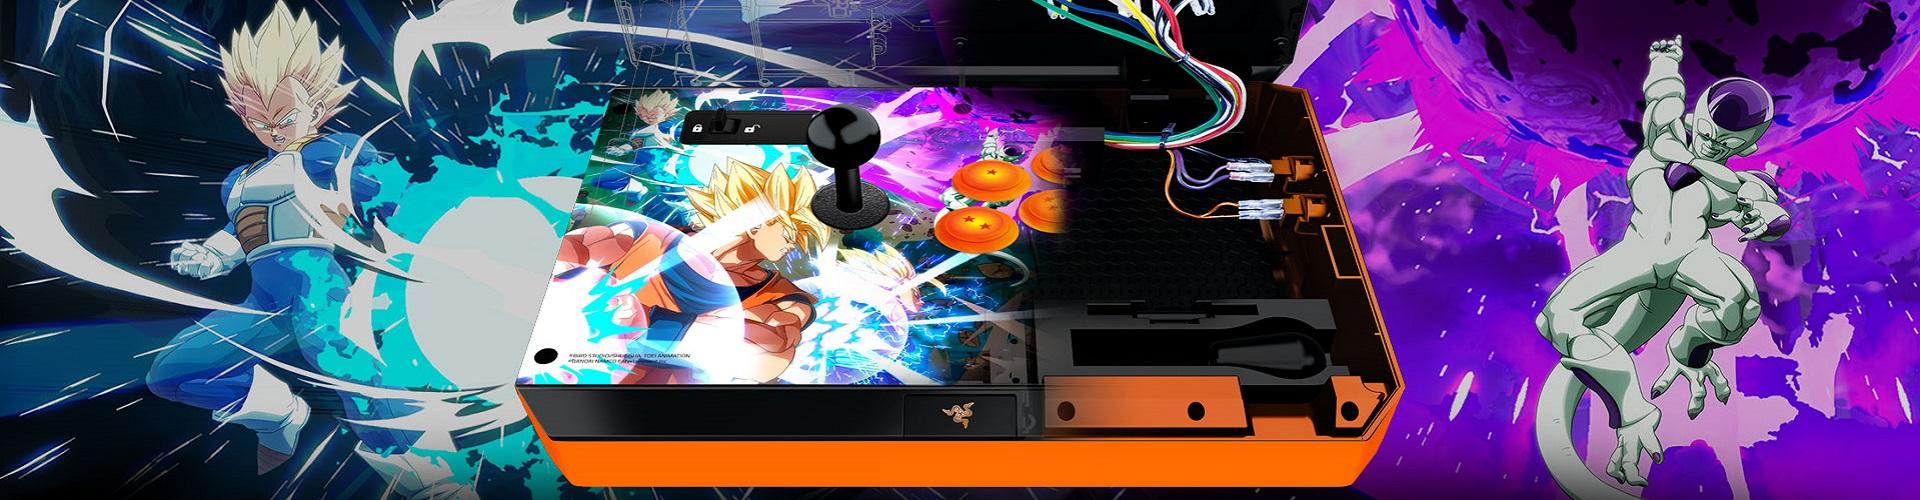 Razer Atrox Arcade Stick for Xbox One - Review - Xbox Tavern